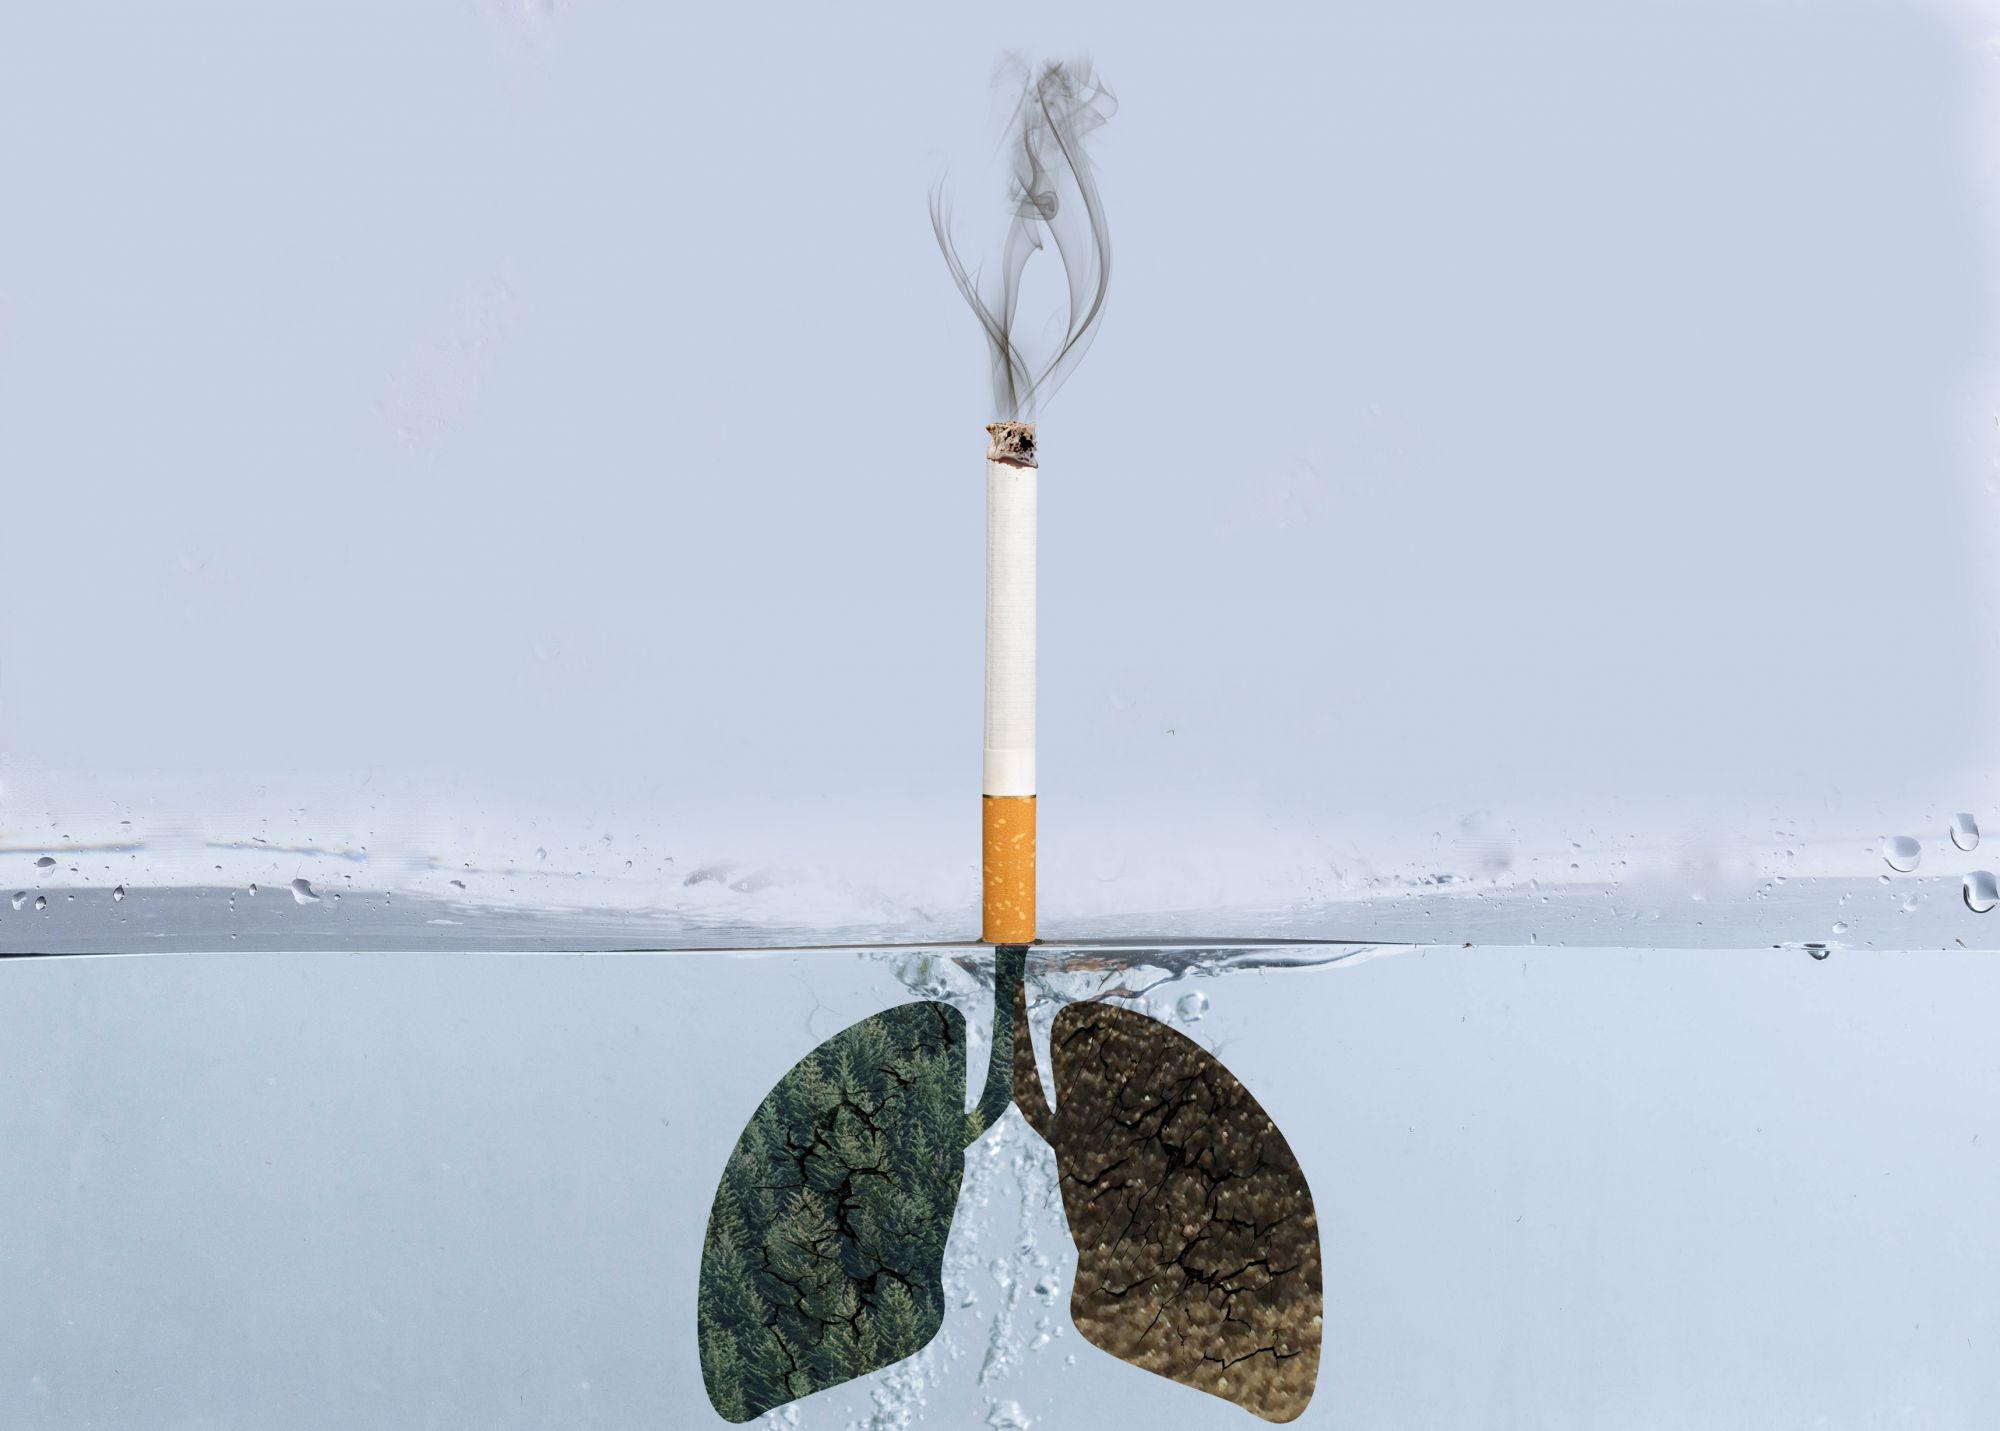 吸烟预防新冠肺炎尚无足够证据